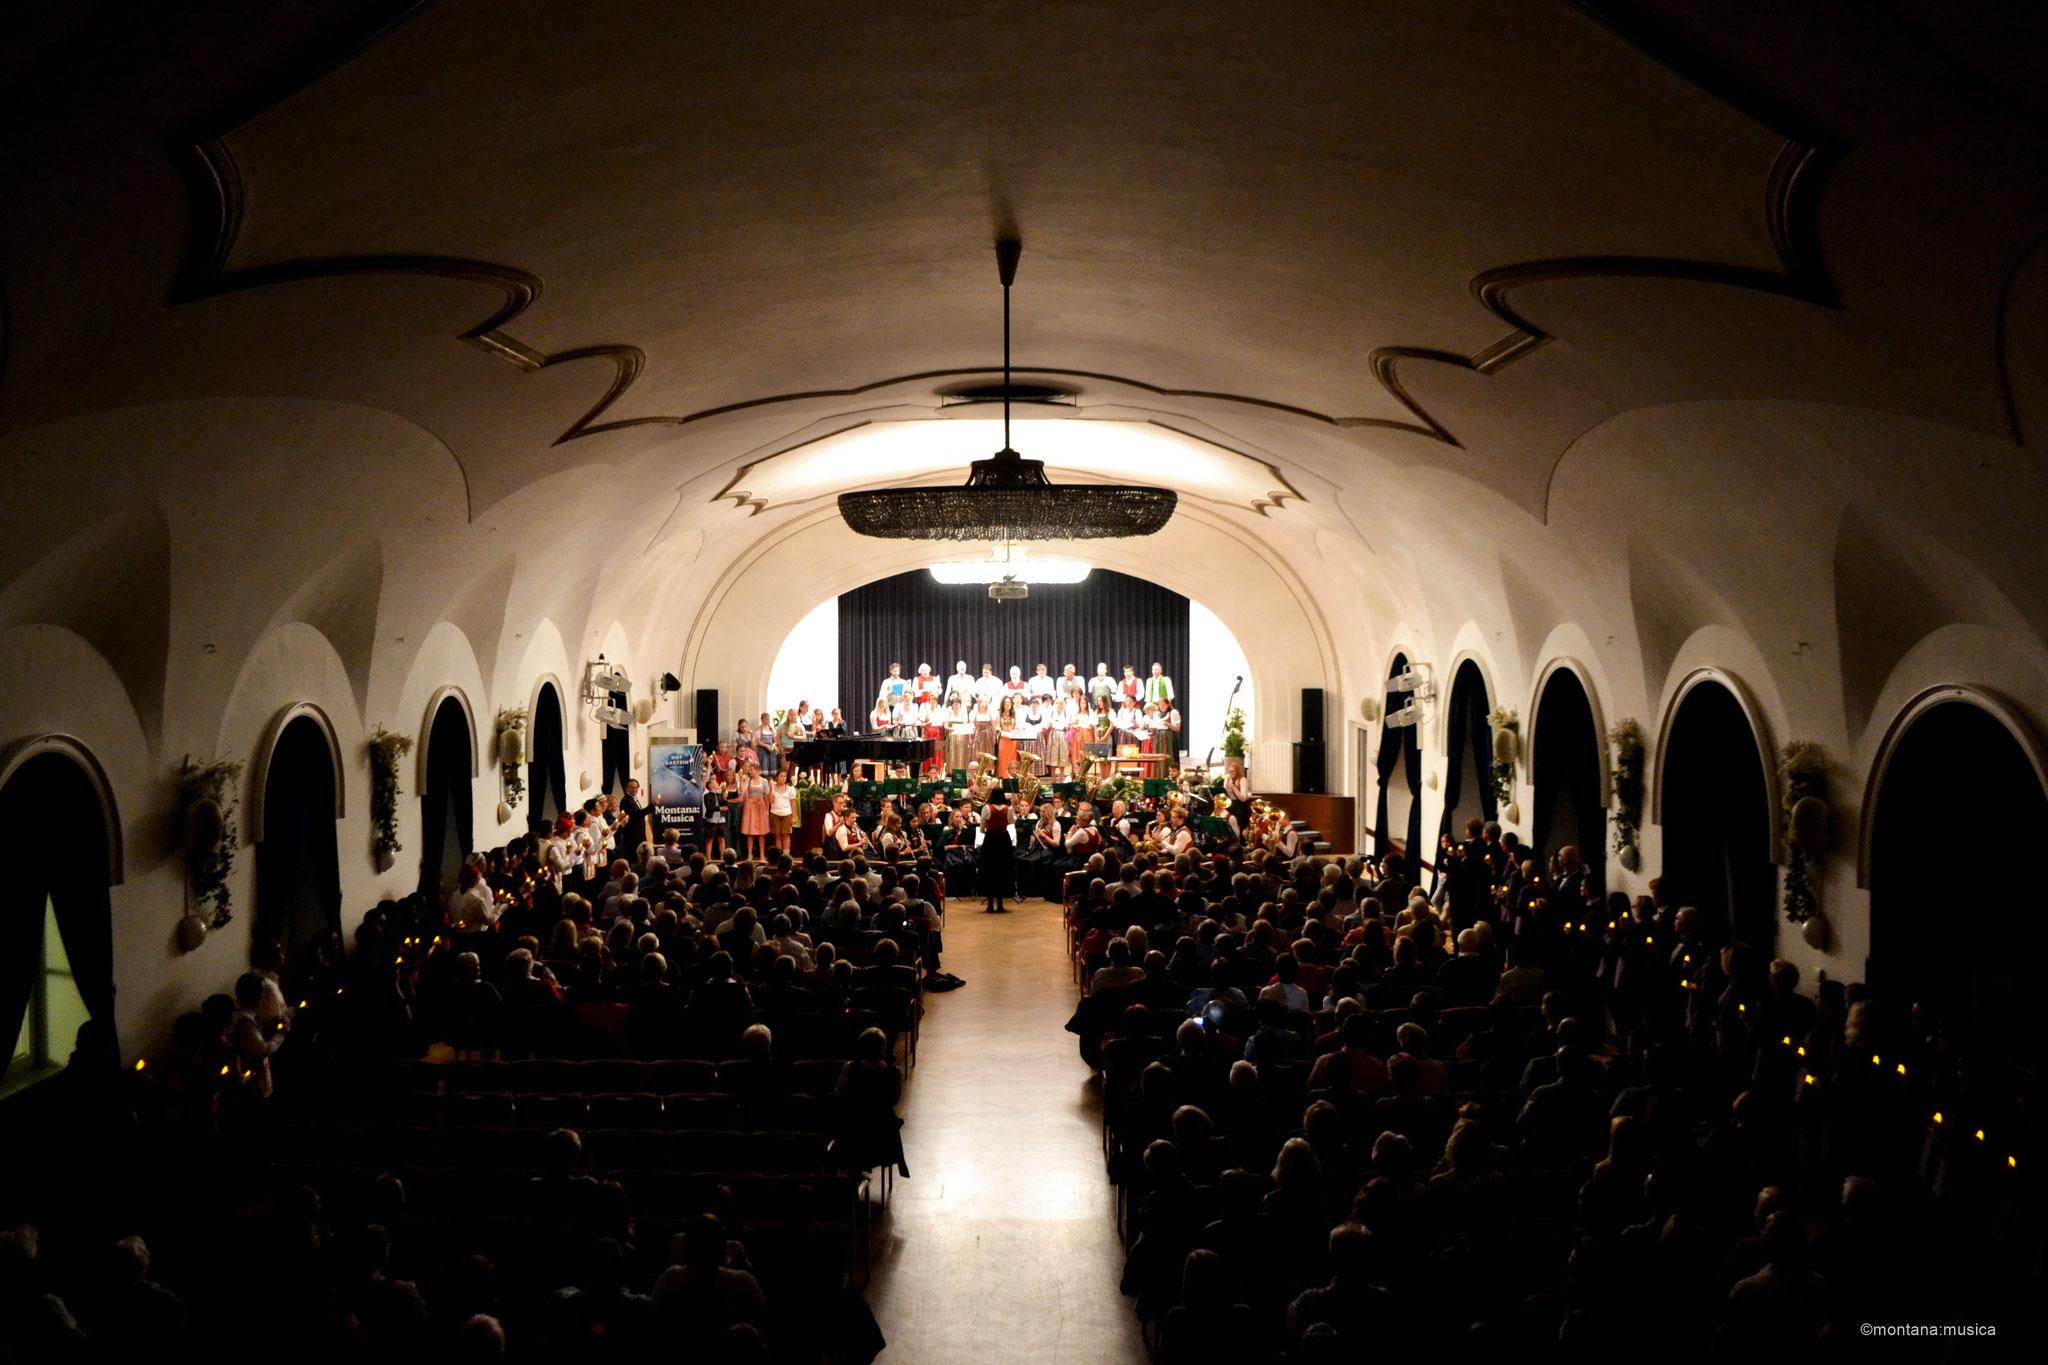 MonMontana:Musica 2018tana:Musica 2018